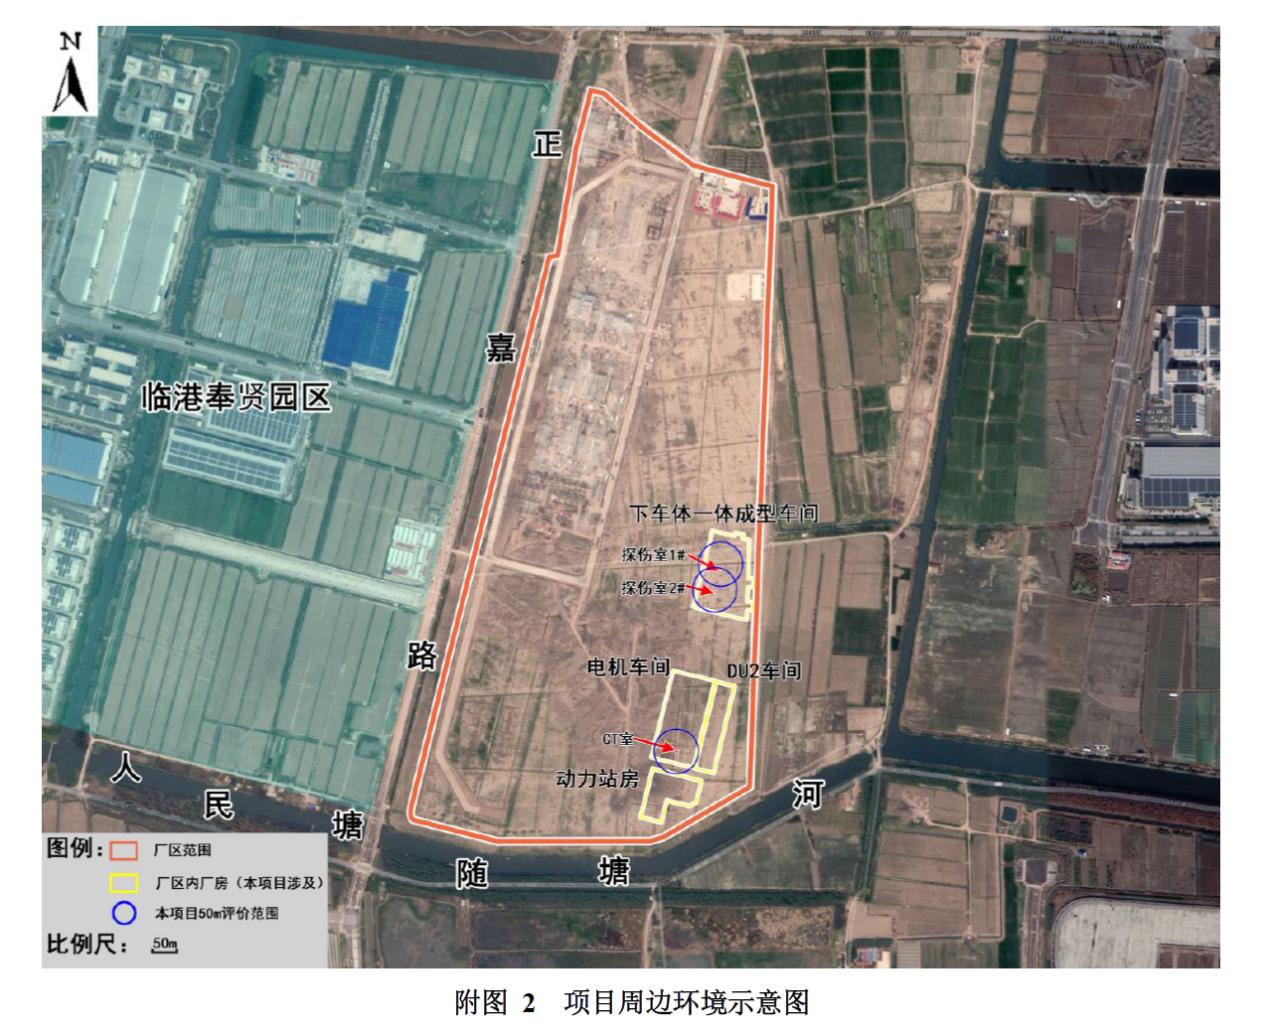 特斯拉上海工厂拟增三台射线装置 预计6月建设9月投产图片